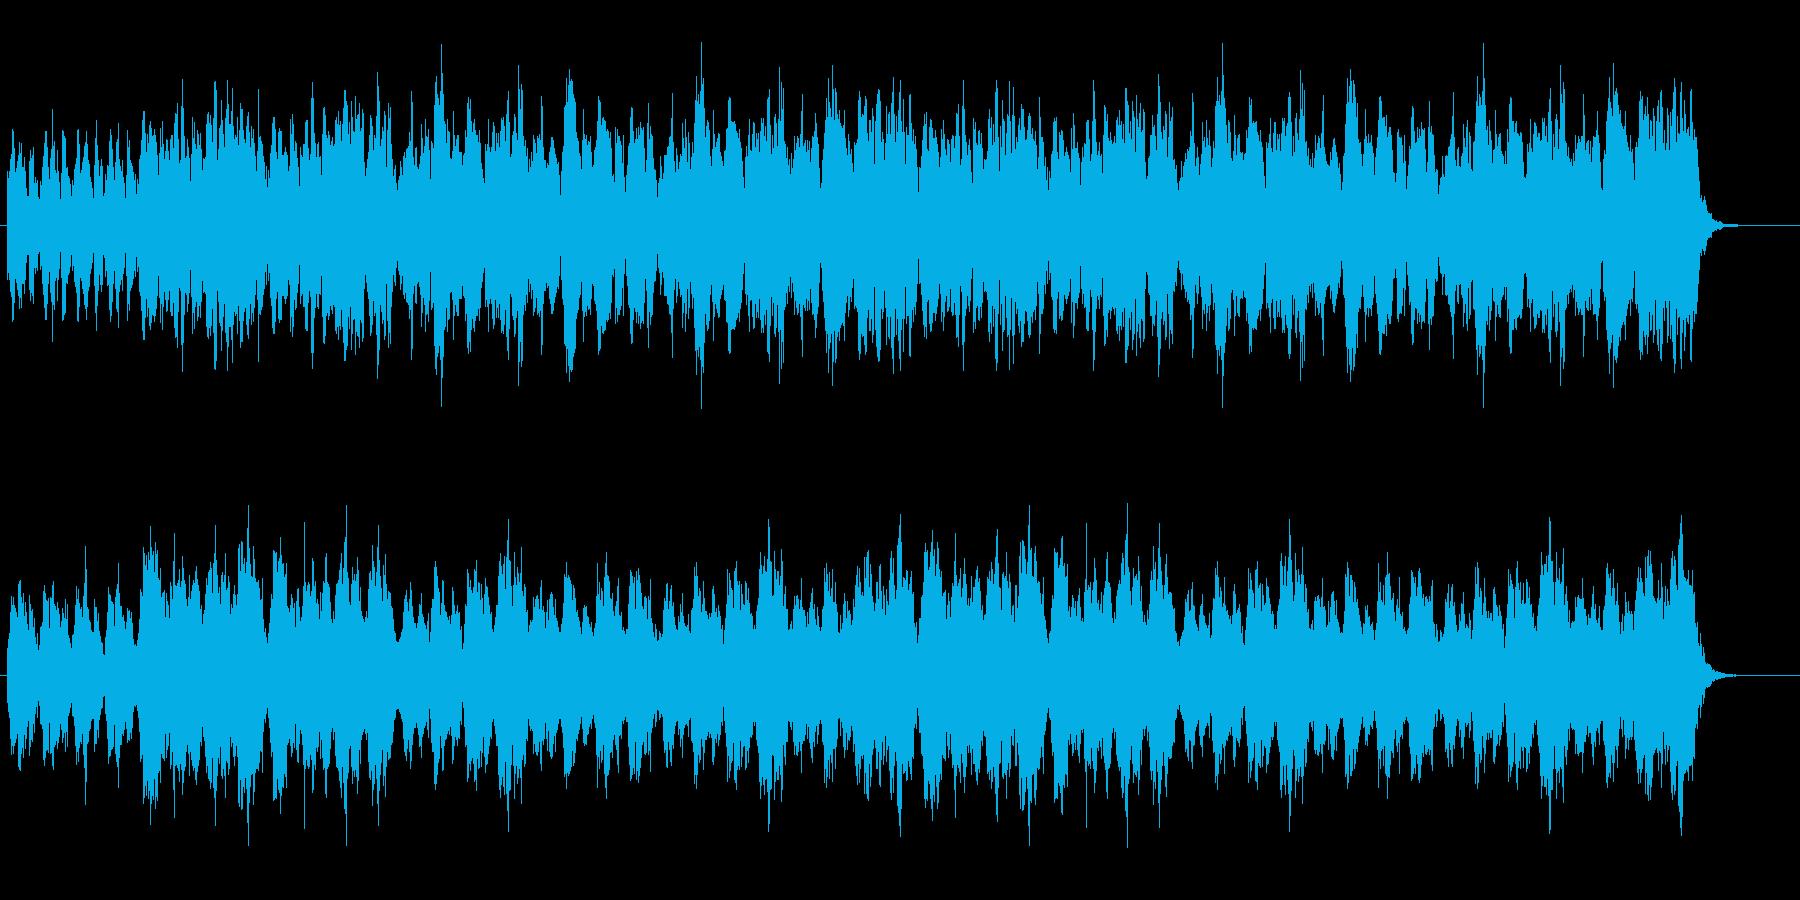 オーケストラの幻想的なワルツの再生済みの波形